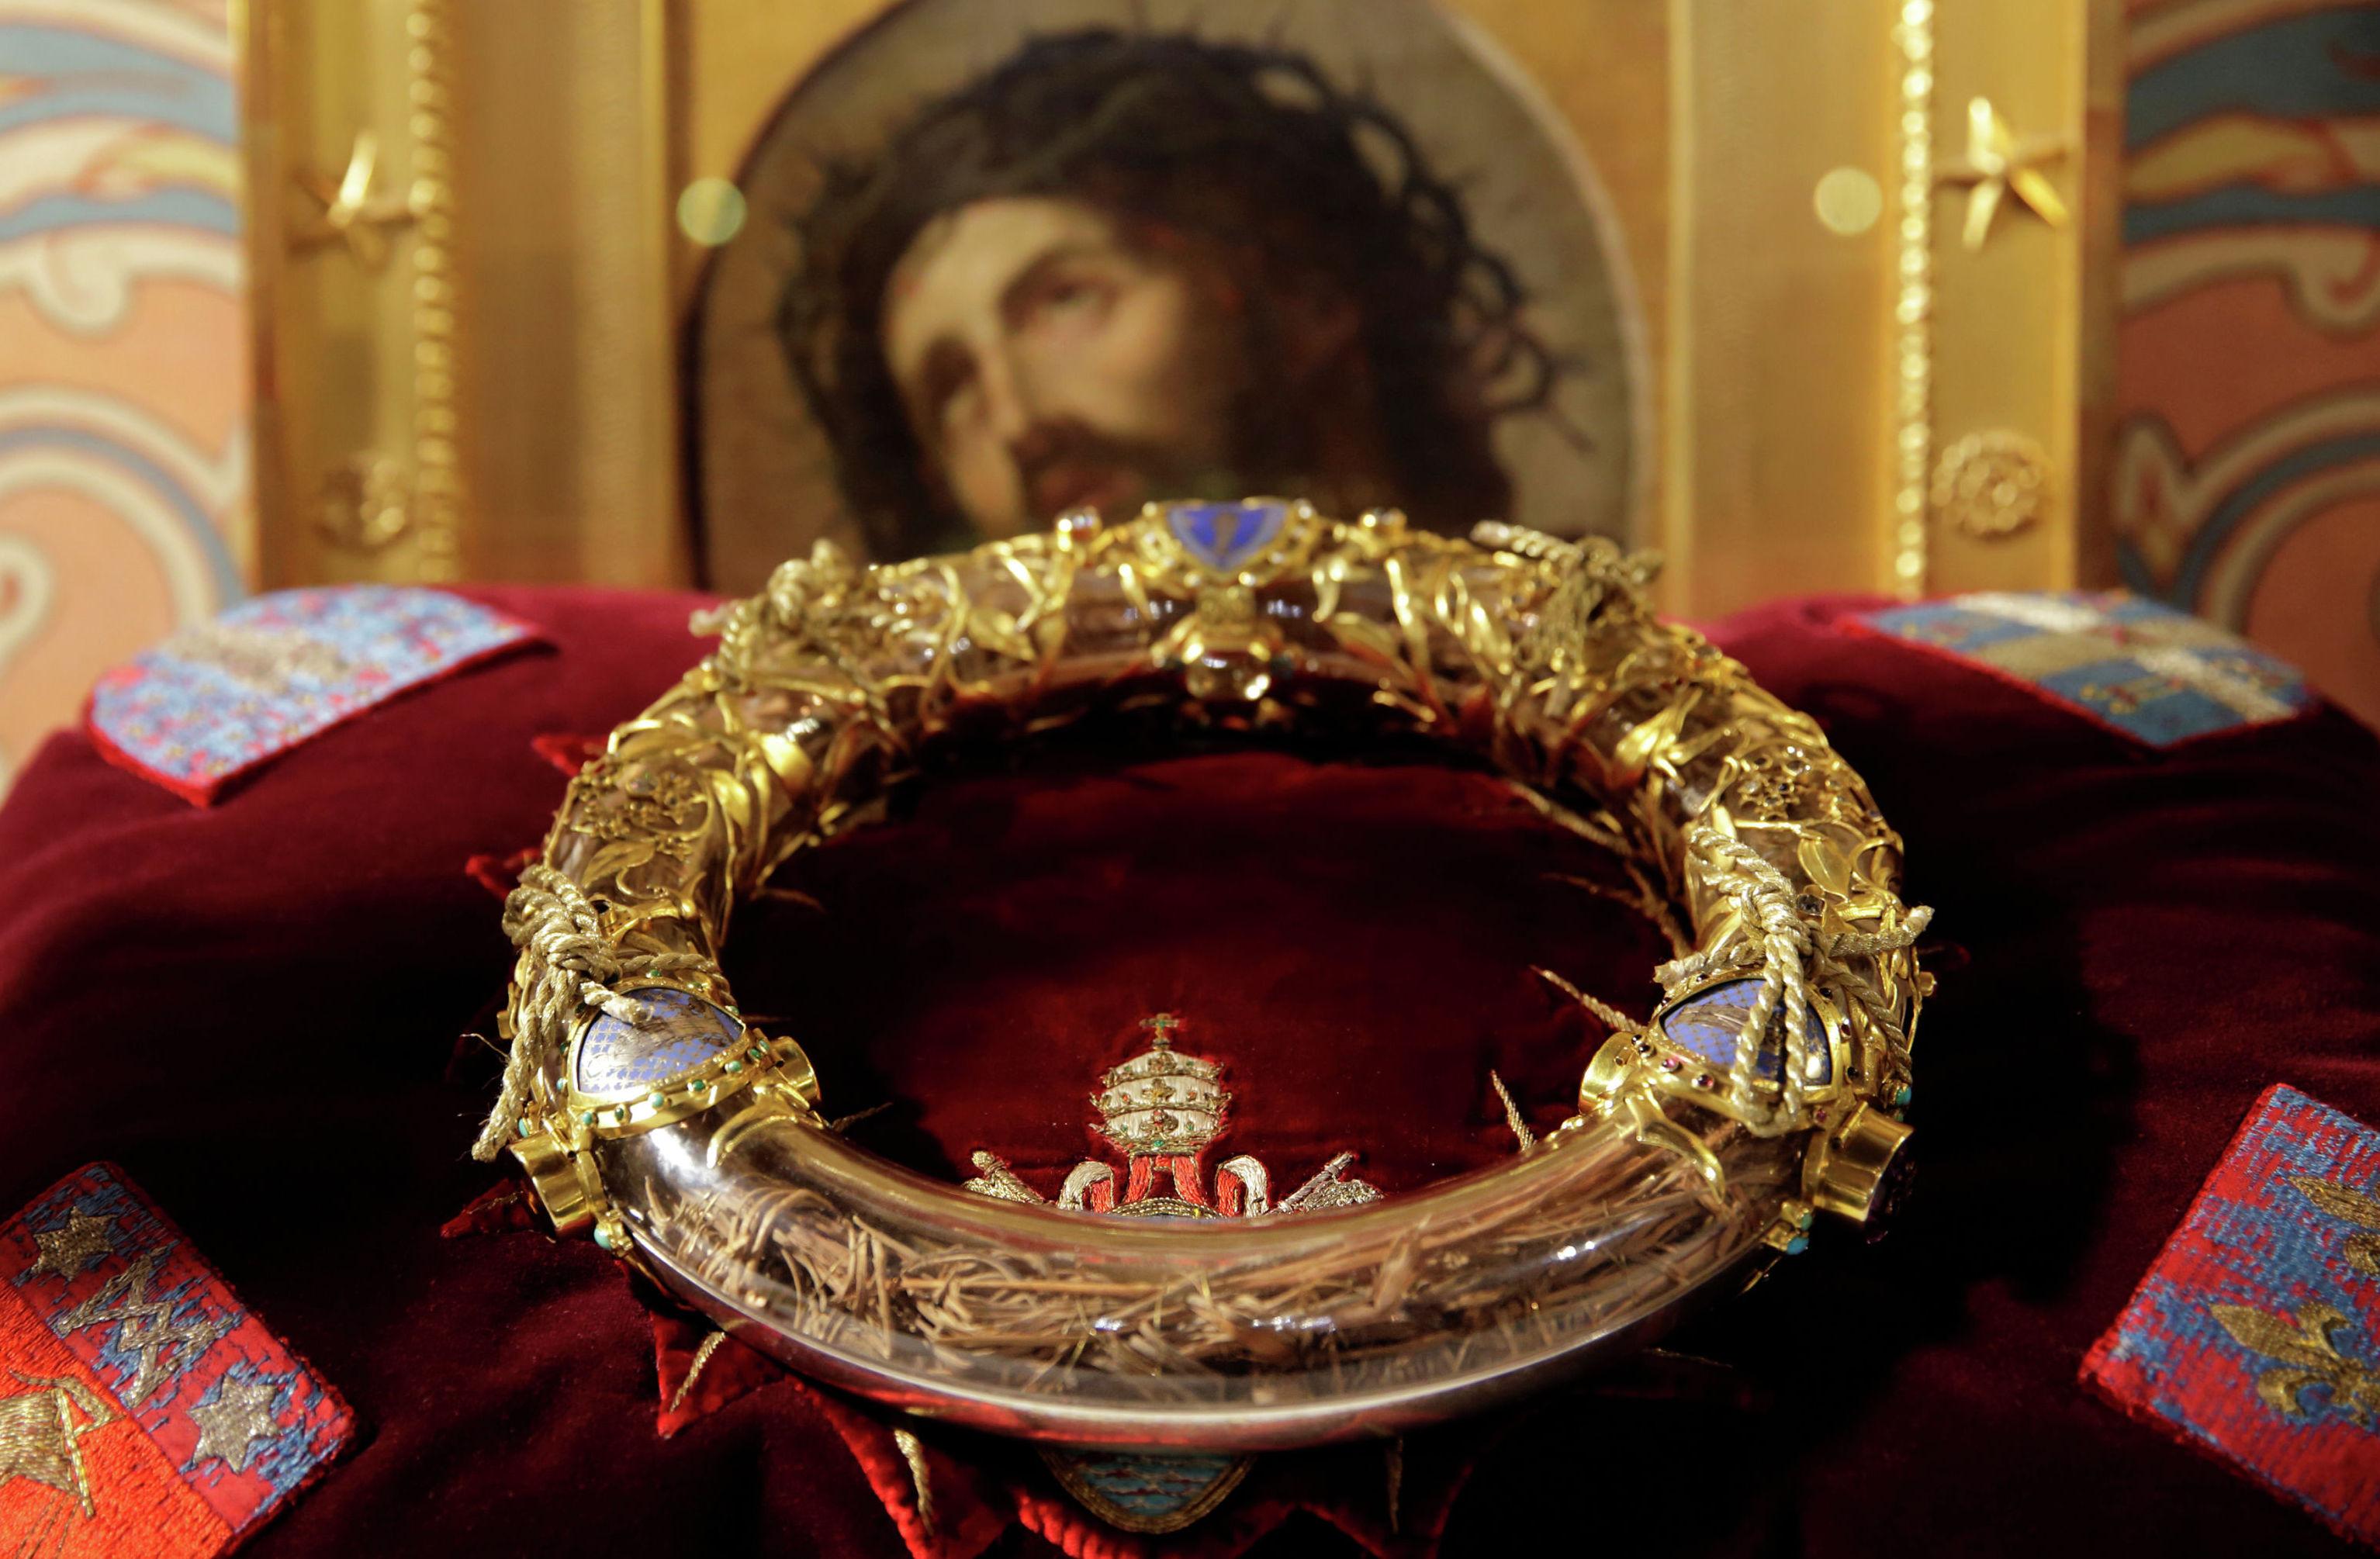 Реликвия - терновый венец Христа